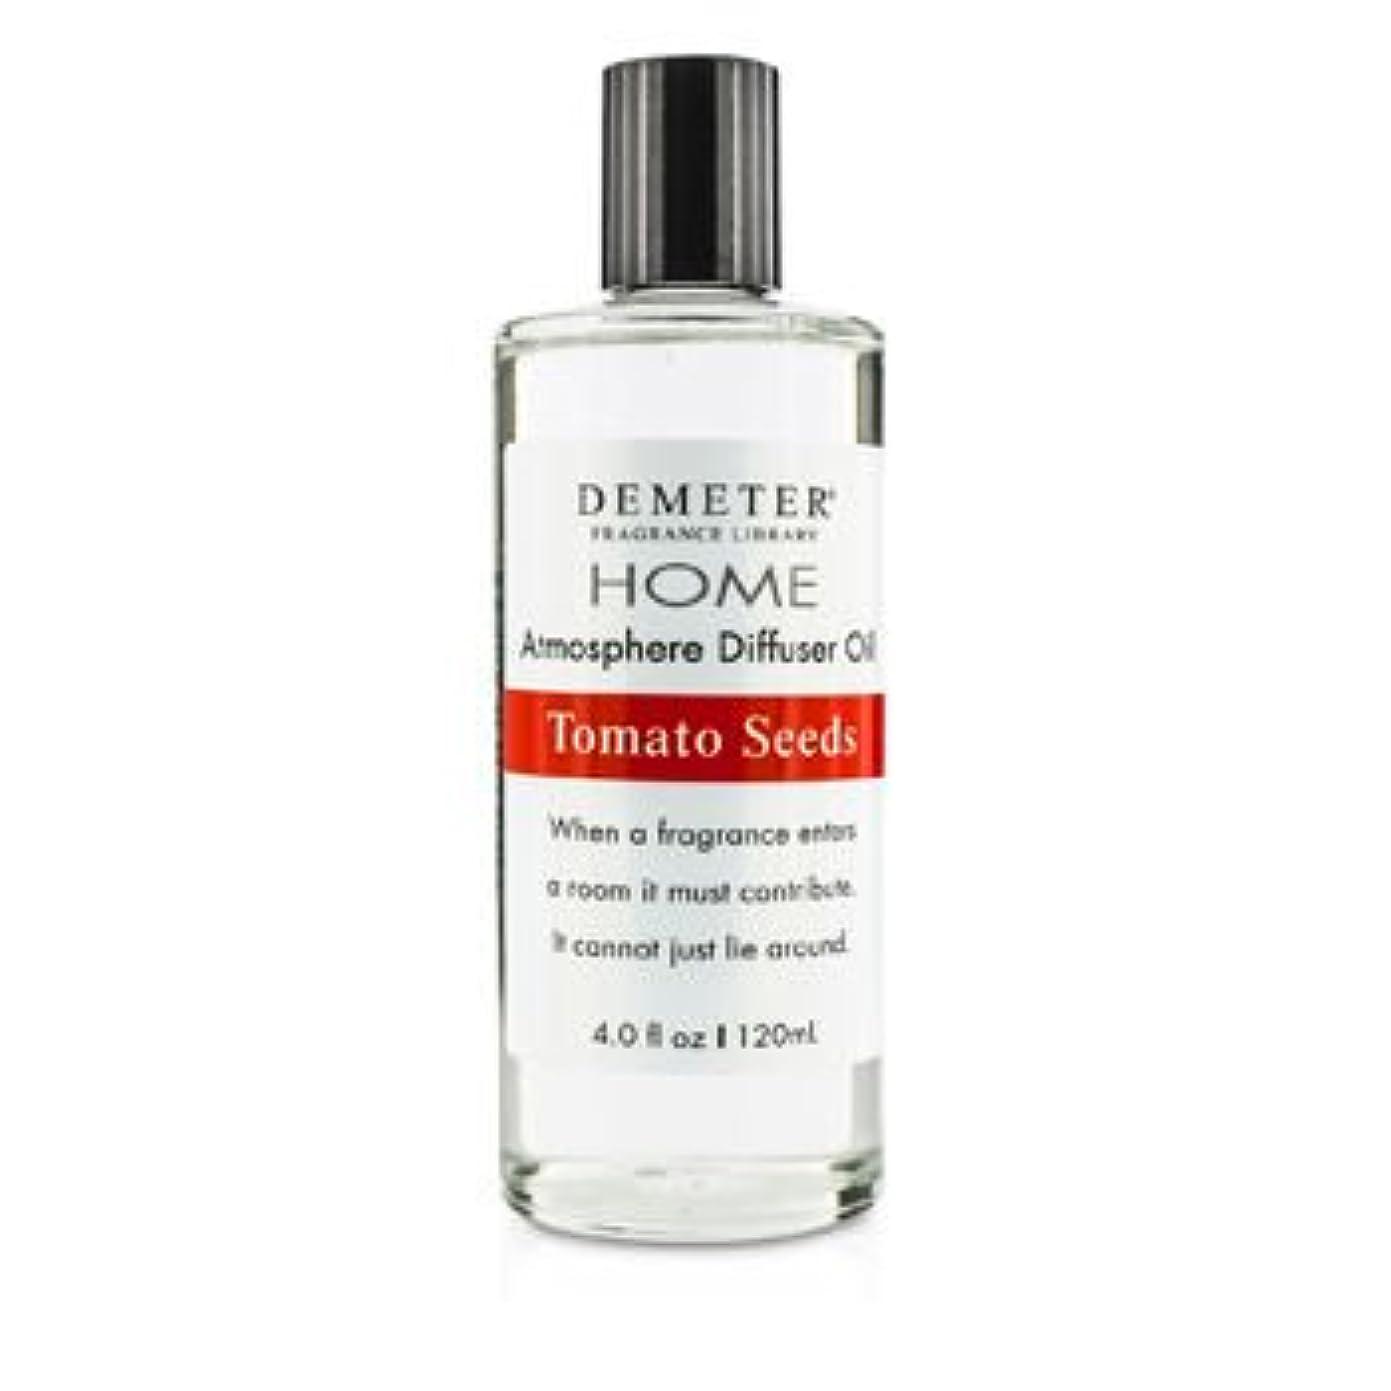 引数トピック評論家[Demeter] Atmosphere Diffuser Oil - Tomato Seeds 120ml/4oz